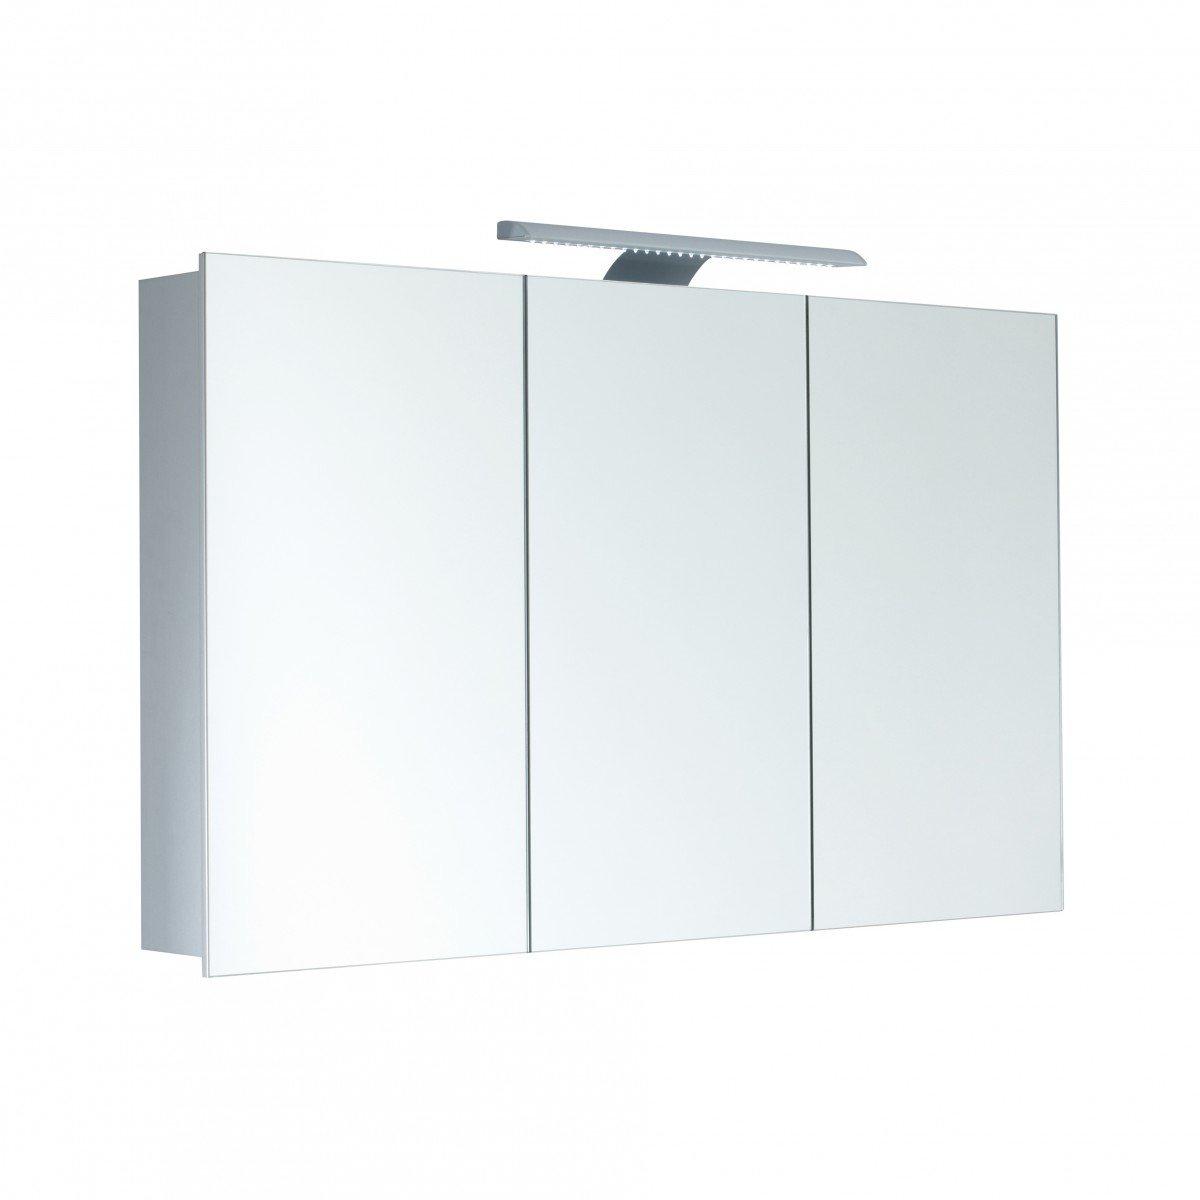 Amazon.de: Spiegelschrank Galdem HIGH100 / 3D Badezimmerschrank 100cm / 3  Türig / Mit LED